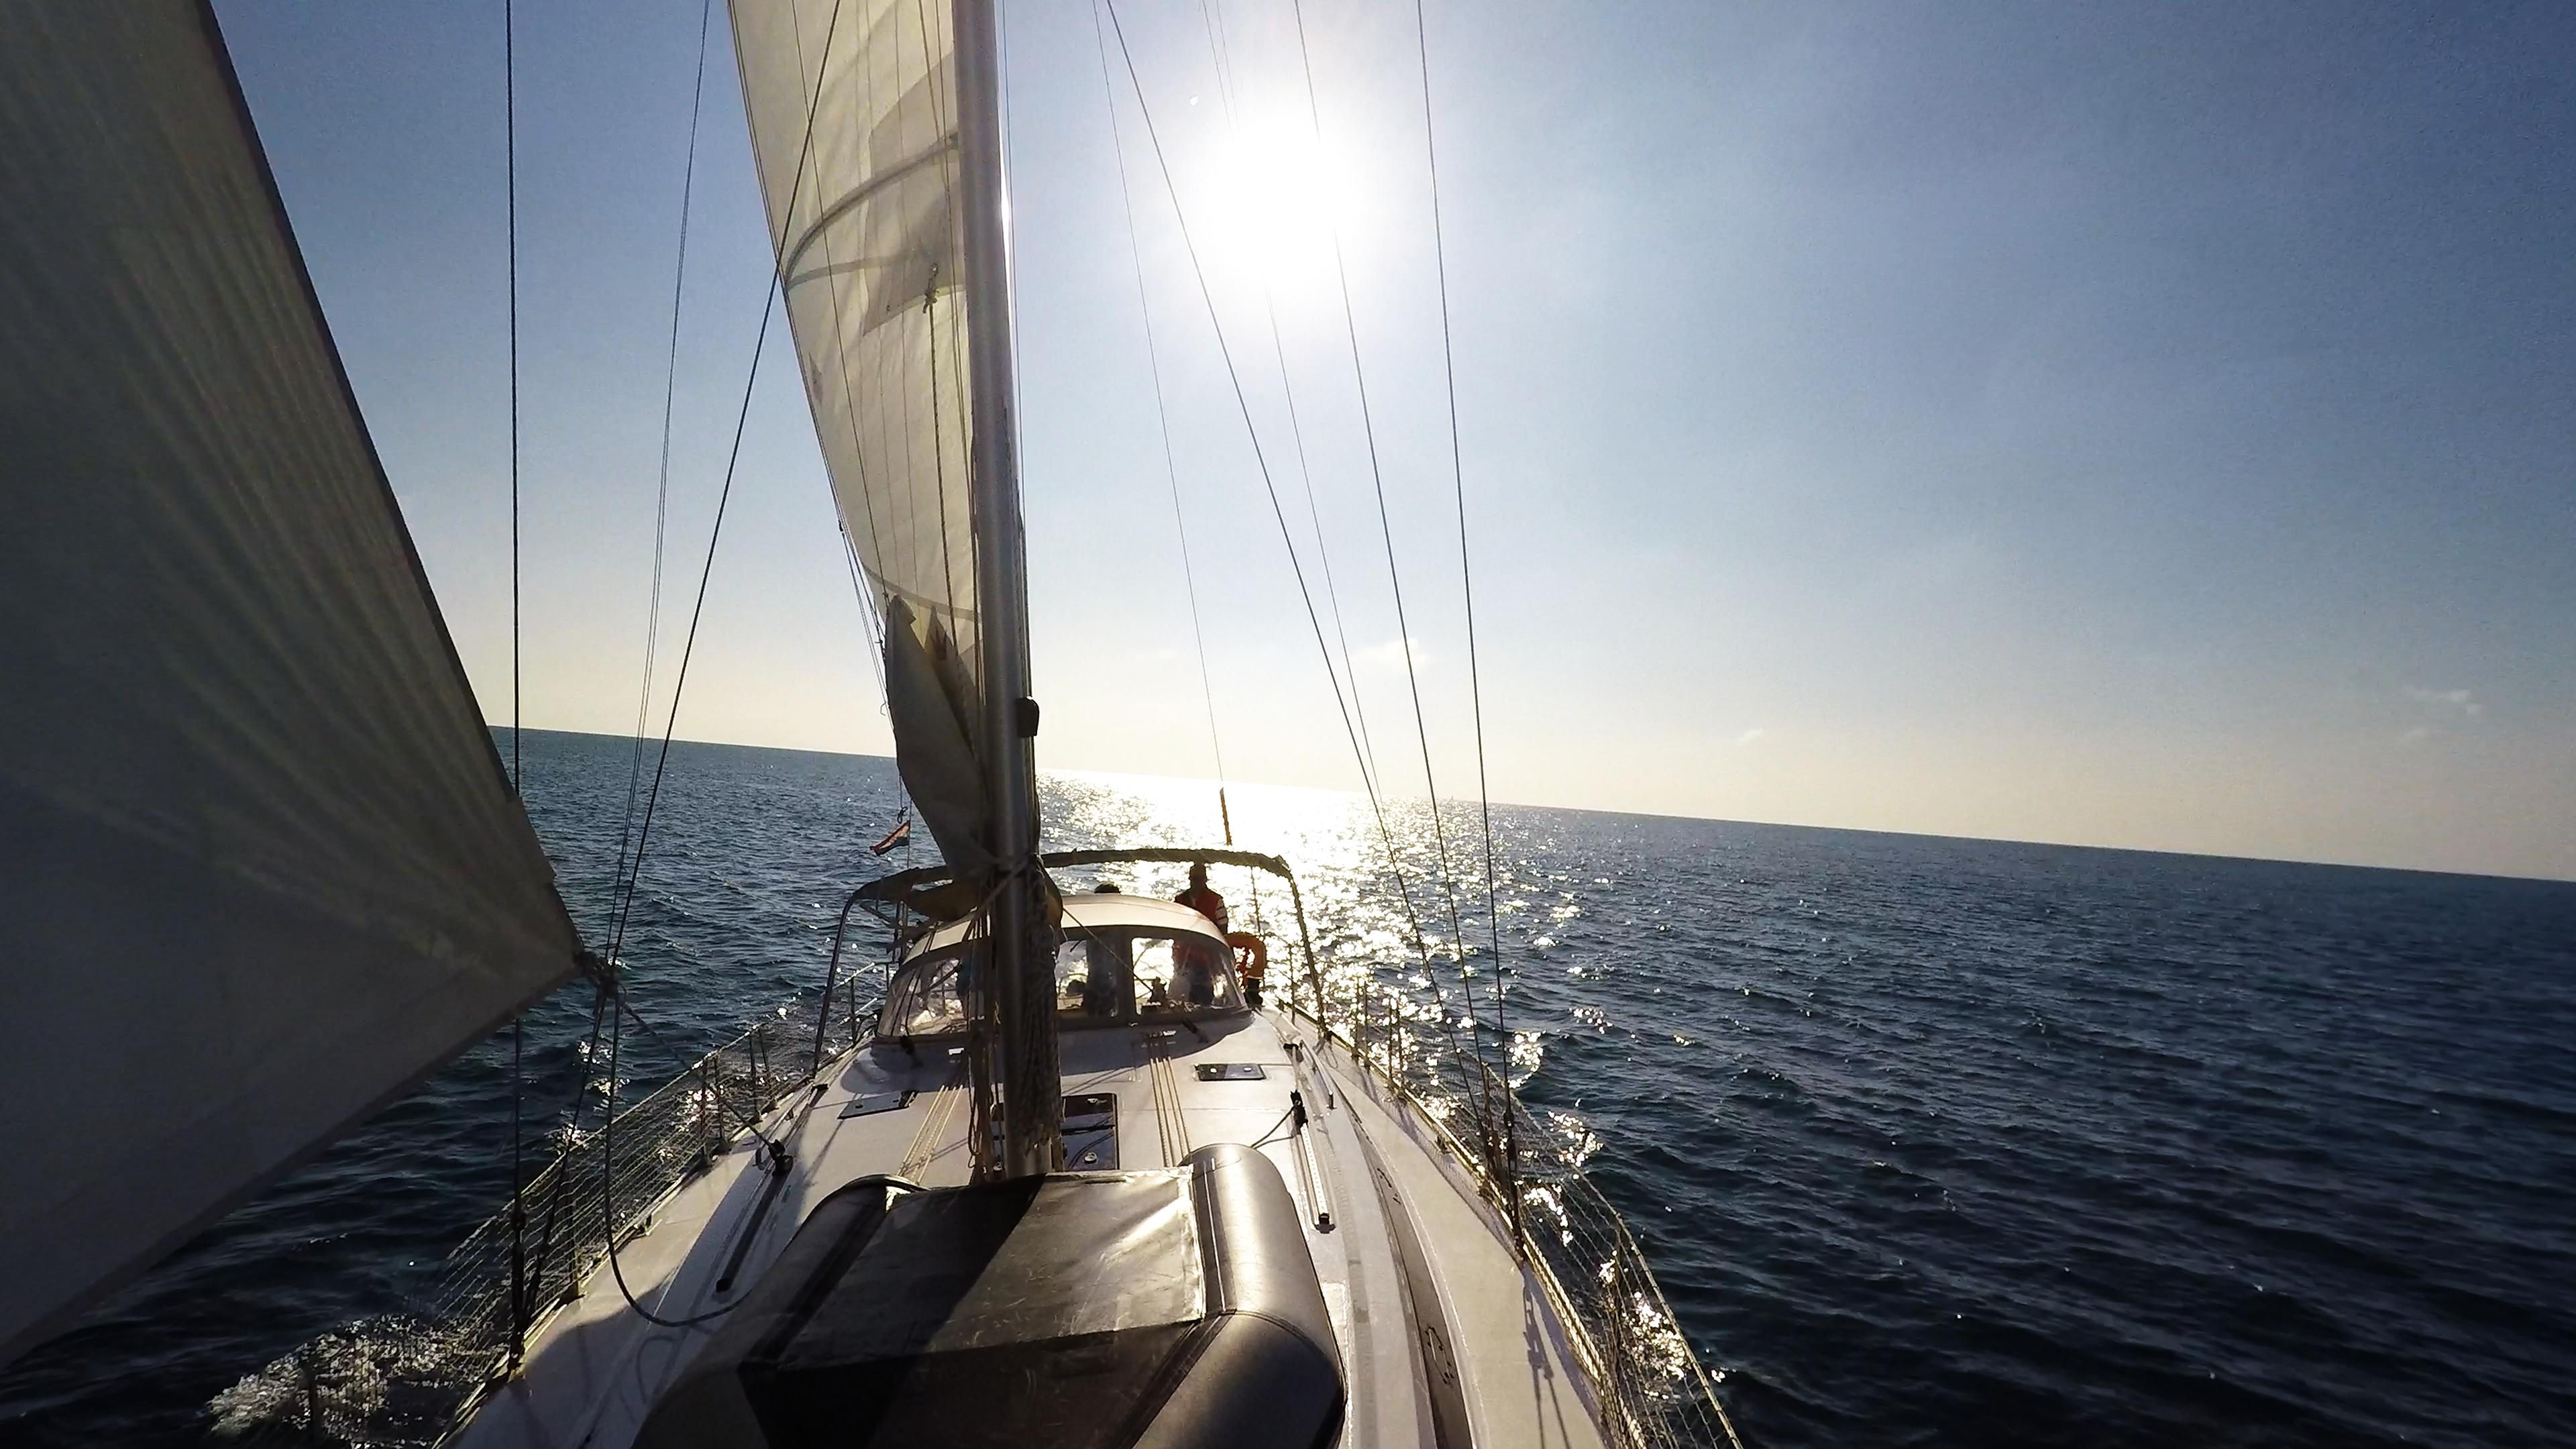 barcha a vela ponte vela yacht a vela bavaria 46 mare sole albero